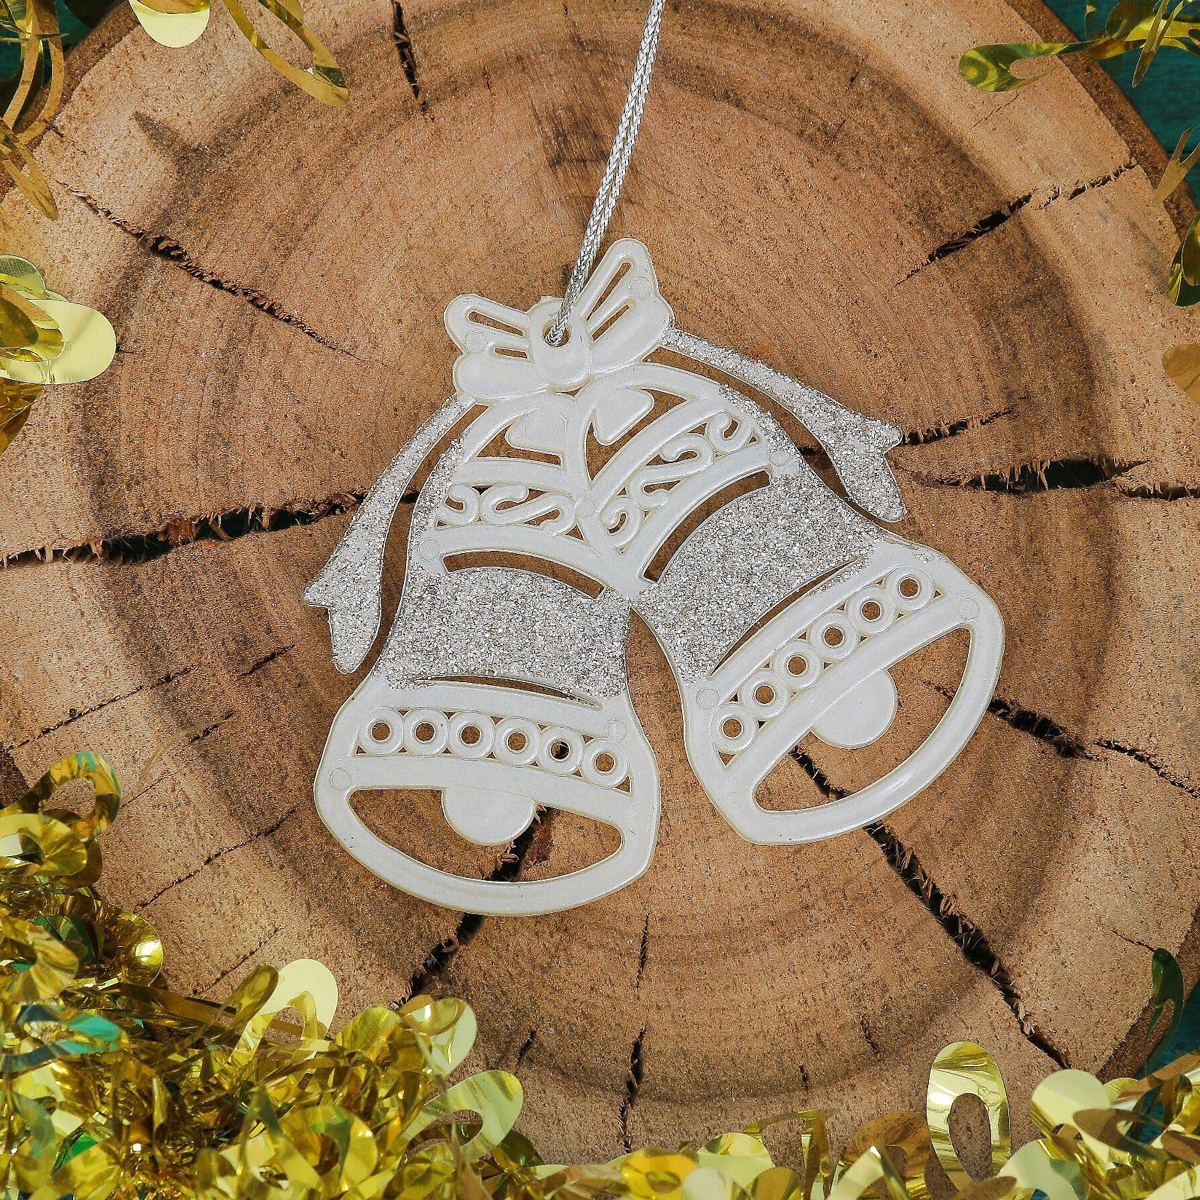 Новогоднее подвесное украшение Колокольчики с бантом, 9,5 х 8,5 см2371443Новогоднее подвесное украшение отлично подойдет для декорации вашего дома и новогодней ели. С помощью специальной петельки украшение можно повесить в любом понравившемся вам месте. Но, конечно, удачнее всего оно будет смотреться на праздничной елке.Елочная игрушка - символ Нового года. Она несет в себе волшебство и красоту праздника. Такое украшение создаст в вашем доме атмосферу праздника, веселья и радости.